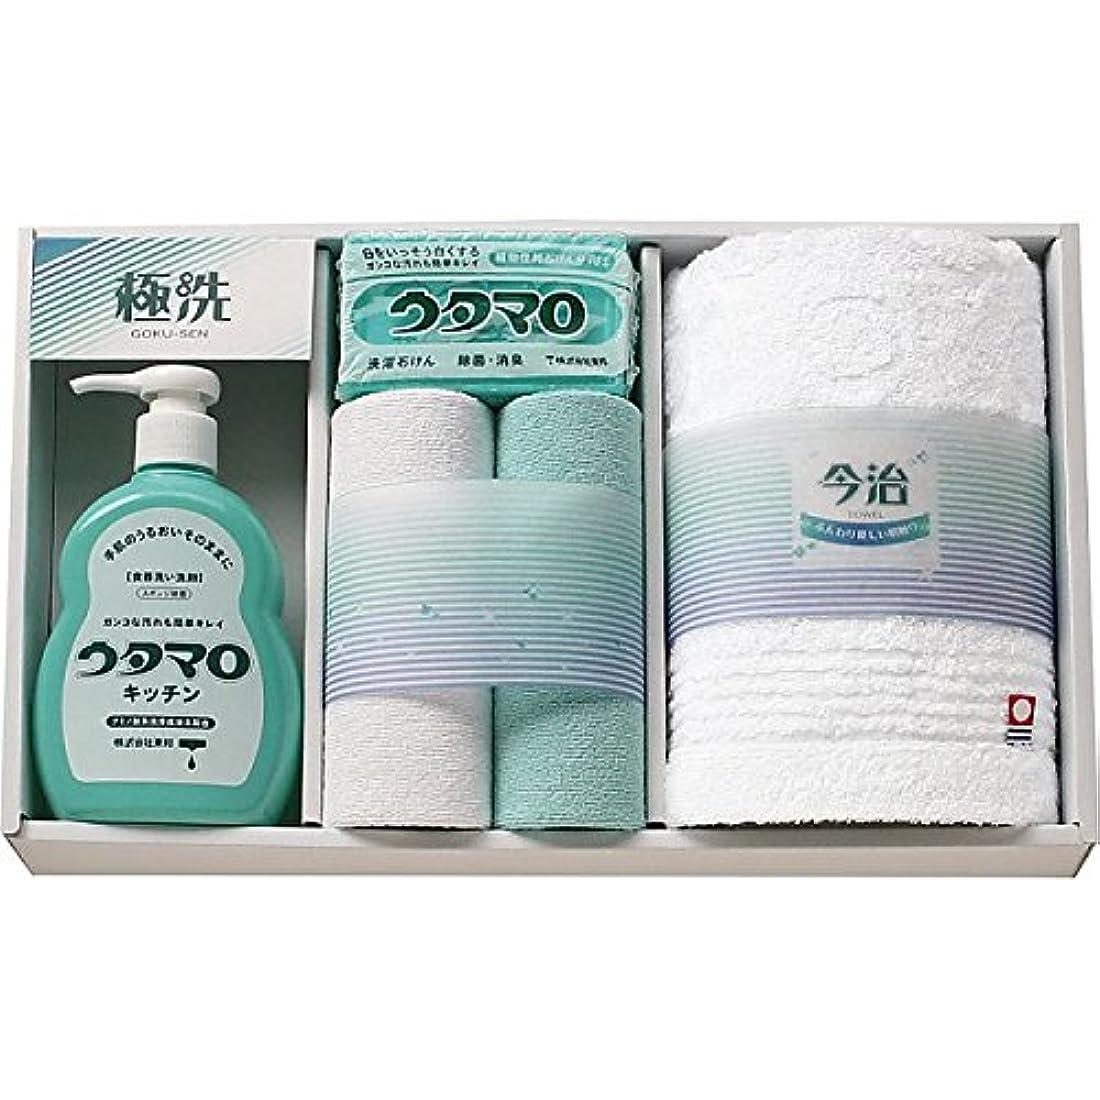 マージ歴史的ノート( ウタマロ ) 石鹸?キッチン洗剤ギフト ( 835-1055r )